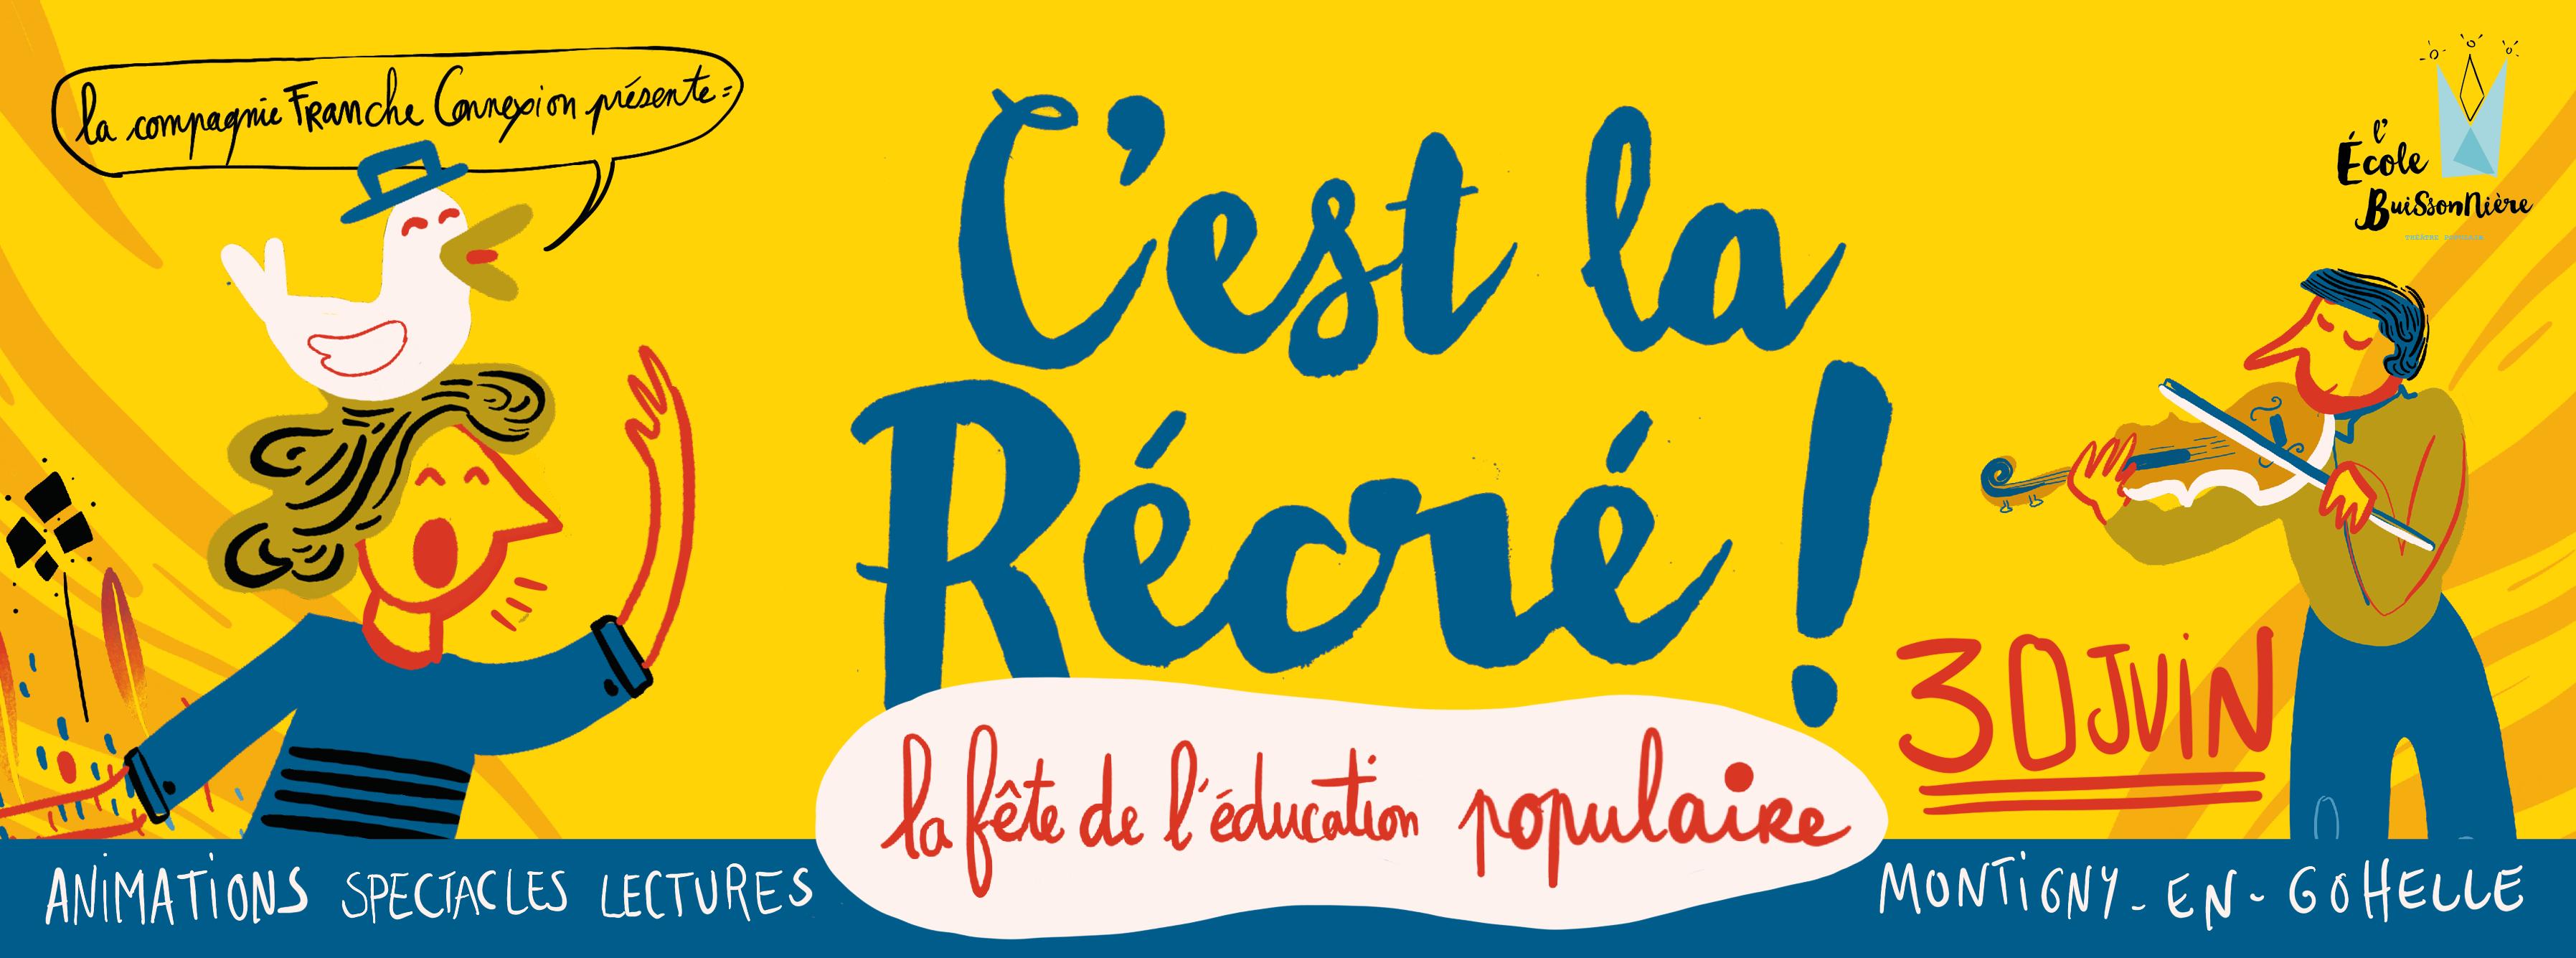 Banniere_C-est_la_récré_2019 2